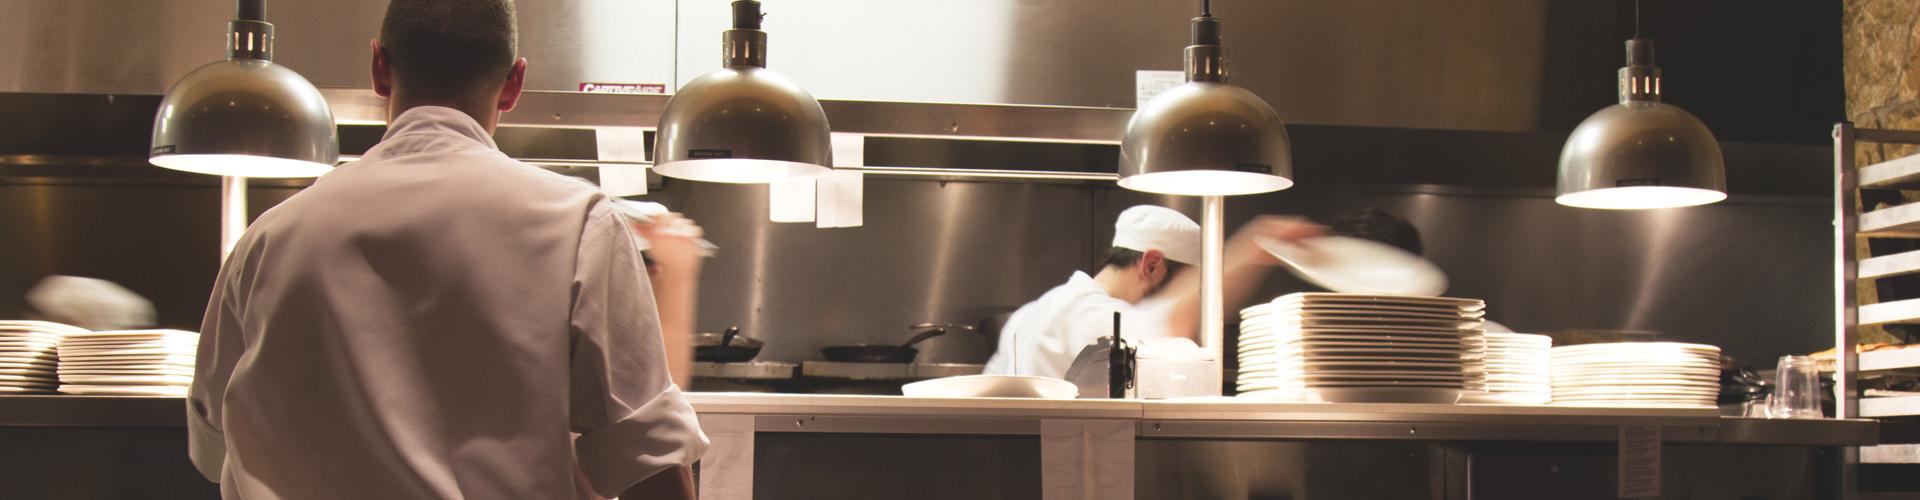 Cocinas y restaurantes